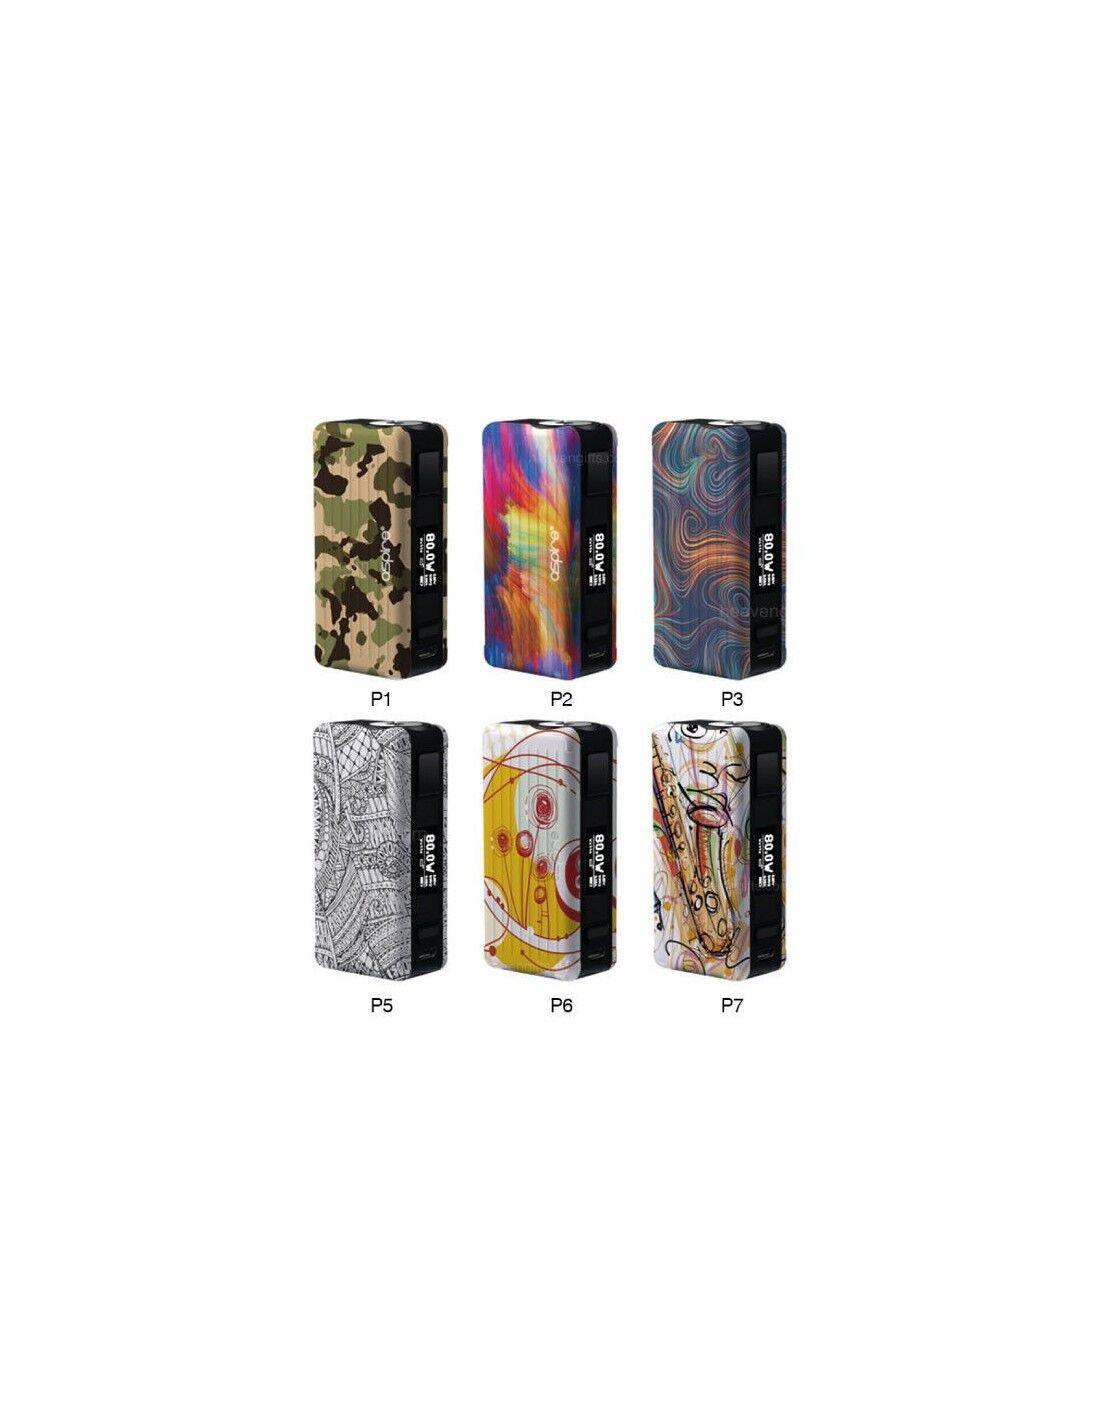 Aspire Batteria Puxos Sigaretta Elettronica Potenza Massima 100w Con Le Modalità Vw/vv/bypass/cps/tv/tcr